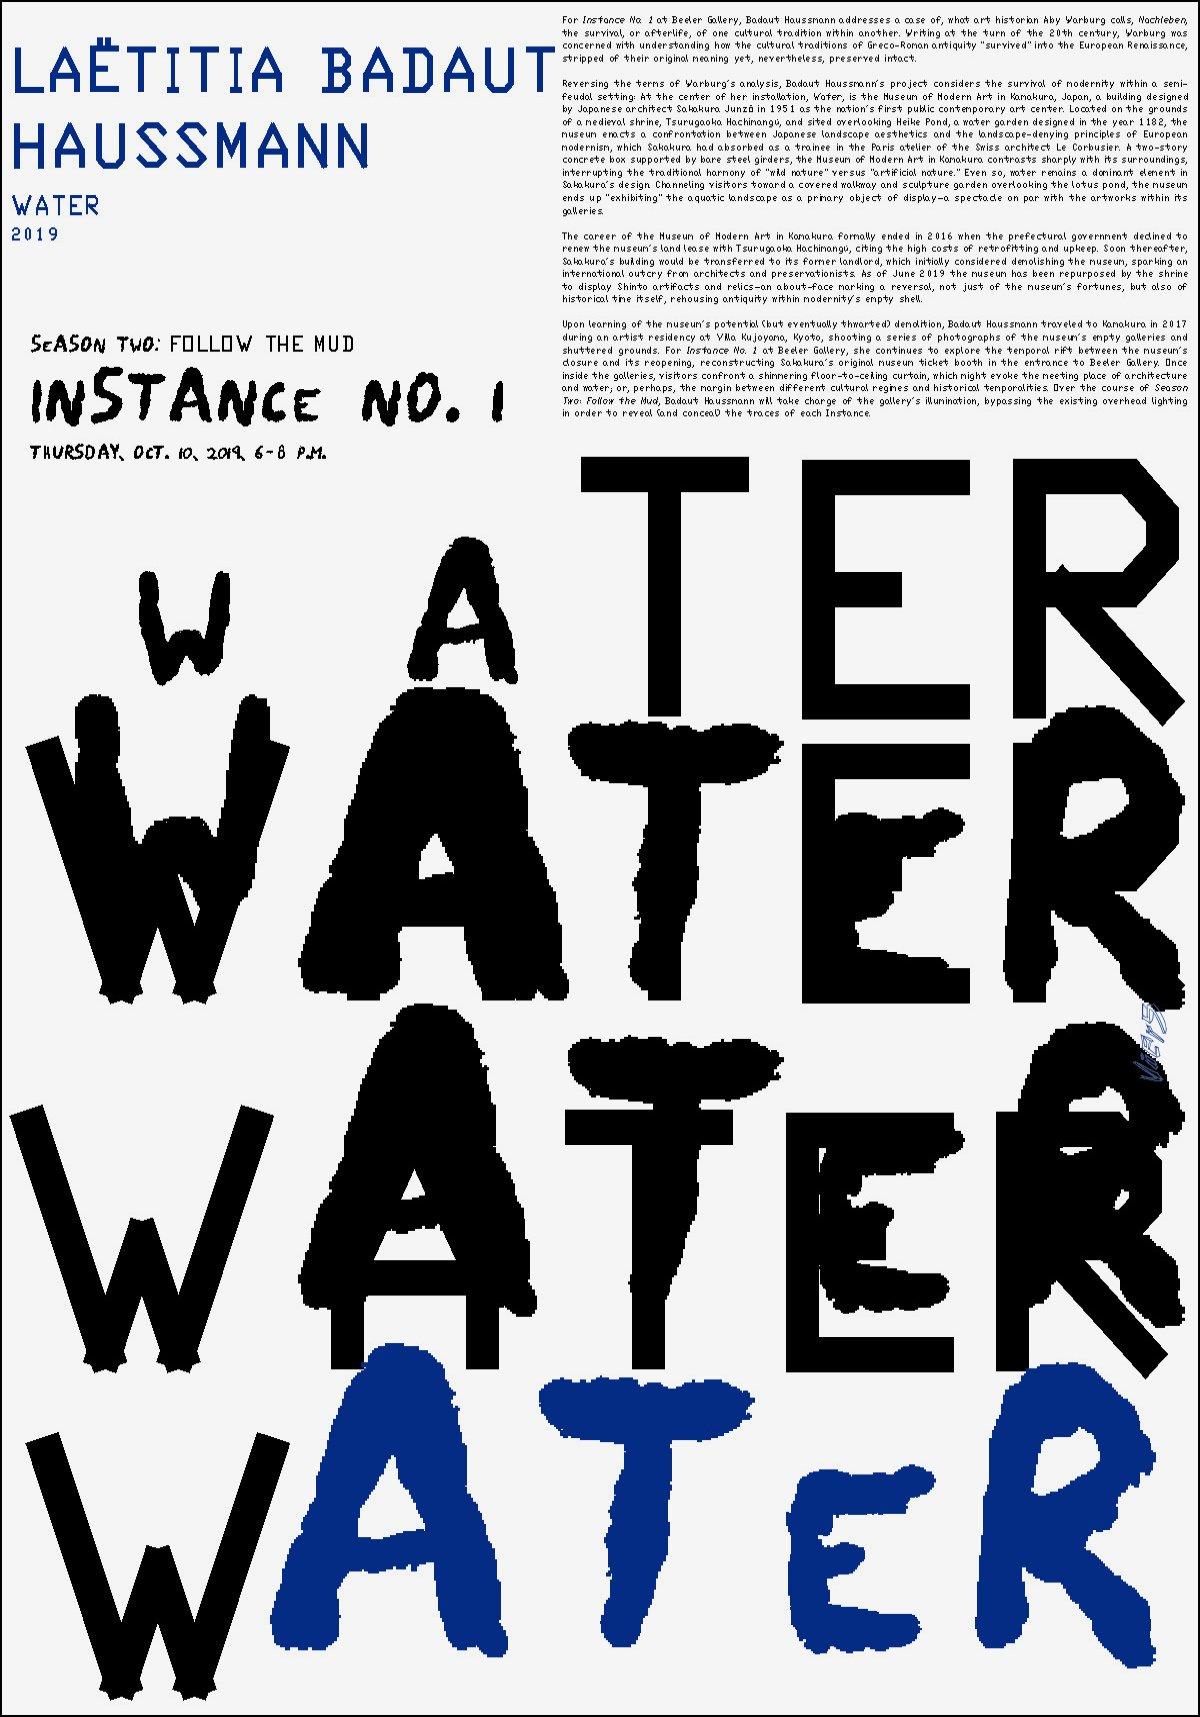 """LAËTITIA BADAUT <br>HAUSSMANN, """"WATER"""""""